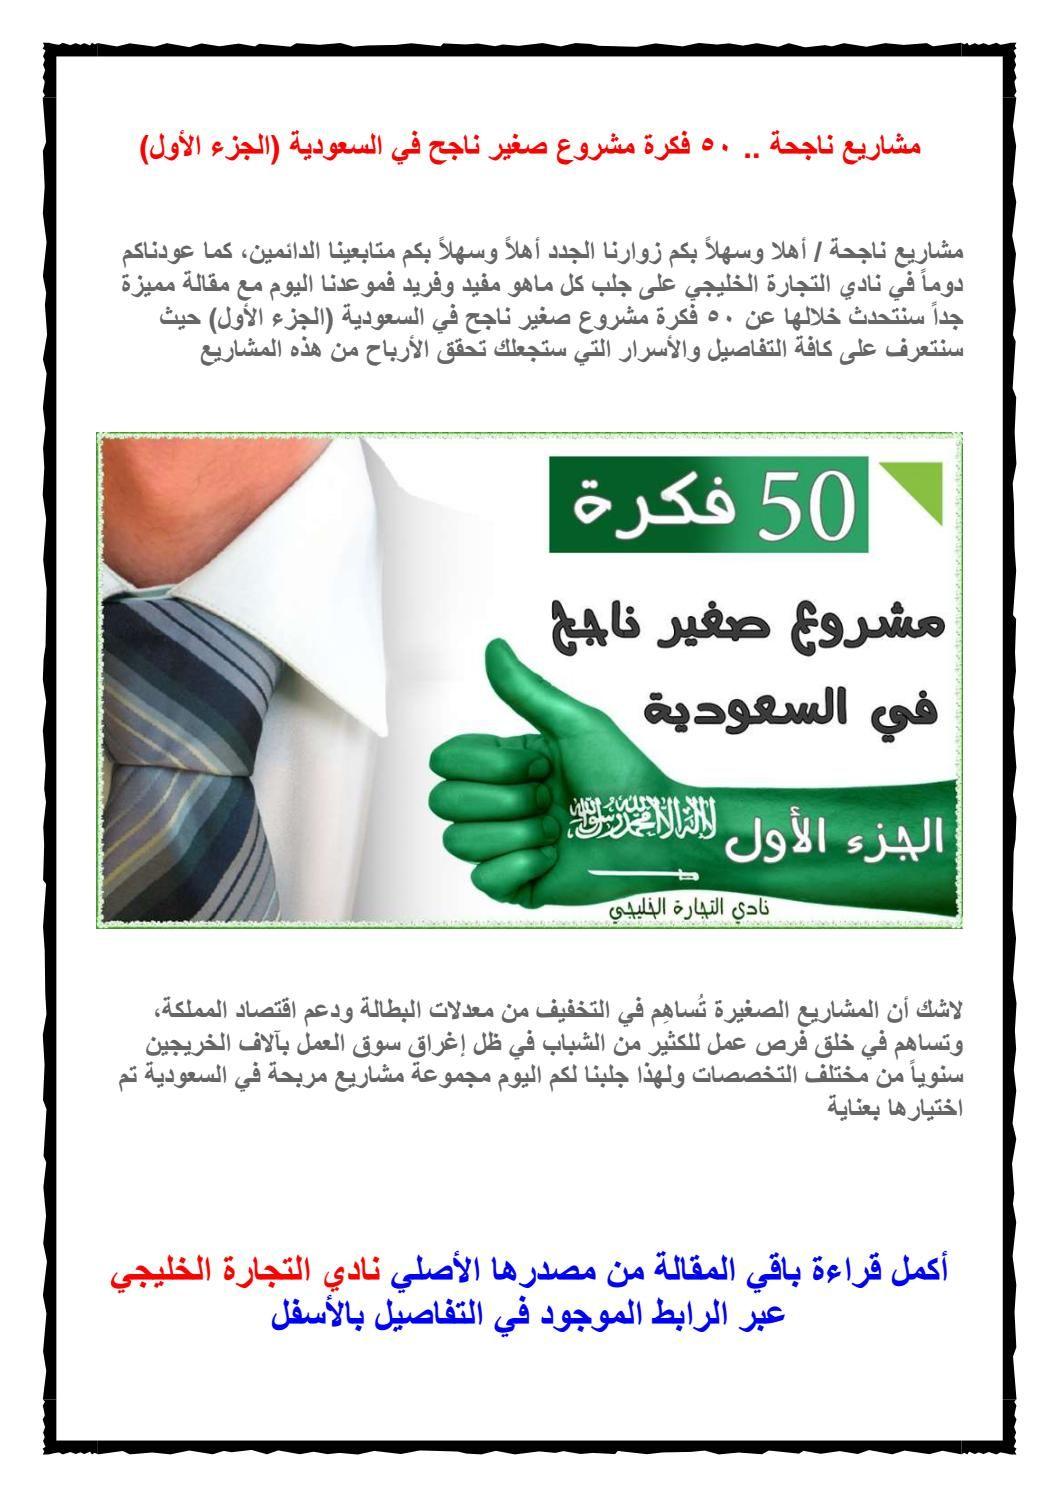 مشاريع ناجحة 50 فكرة مشروع صغير ناجح في السعودية الجزء الأول Microsoft Word Document Words Microsoft Word